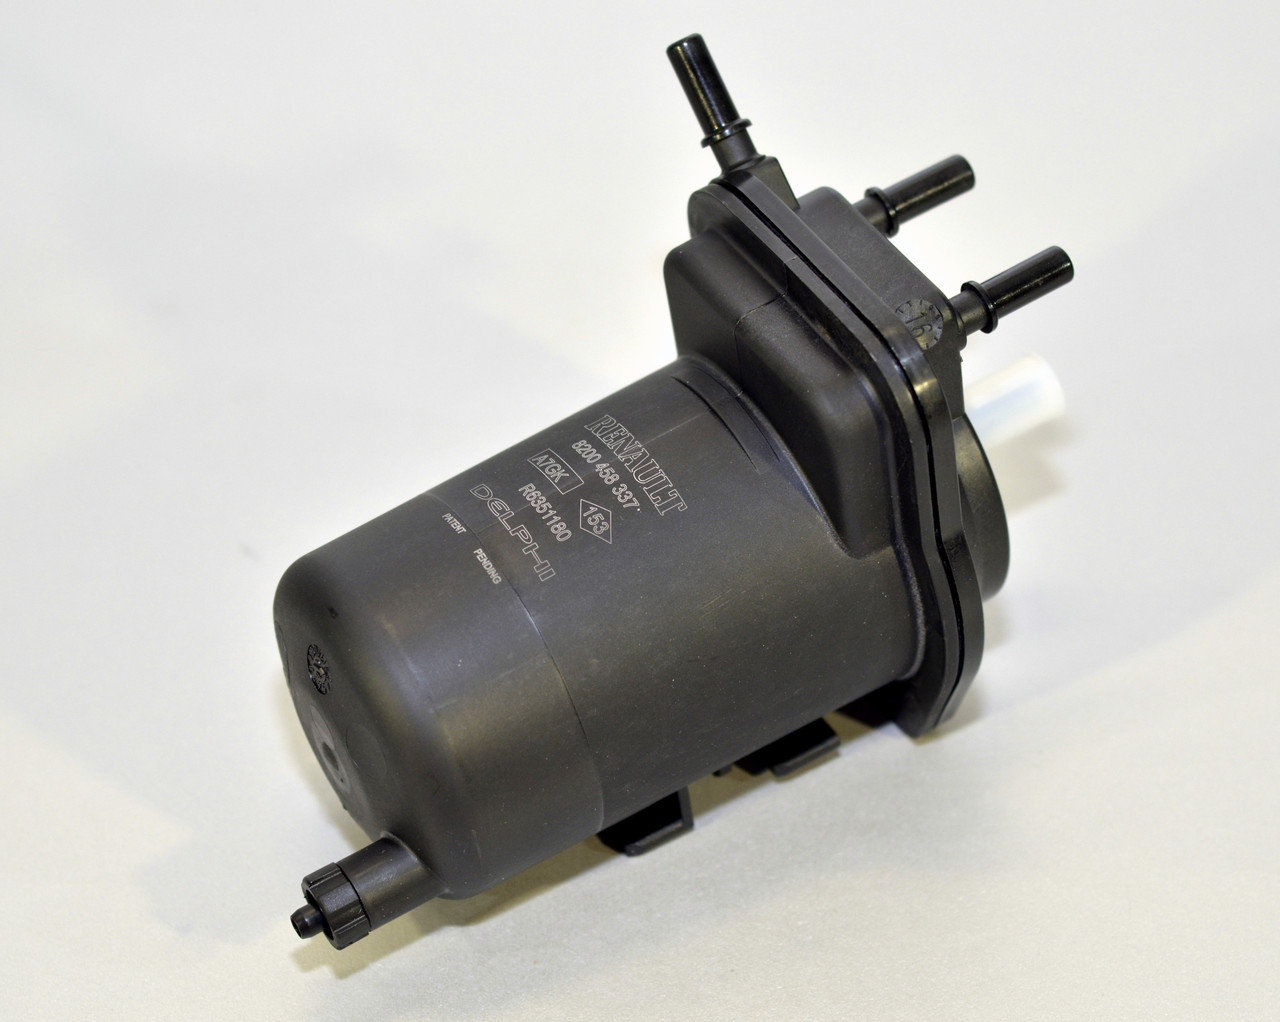 Топливный фильтр на Renault Kangoo 2001->2008  1.5dCi  —  Renault - 8200458337